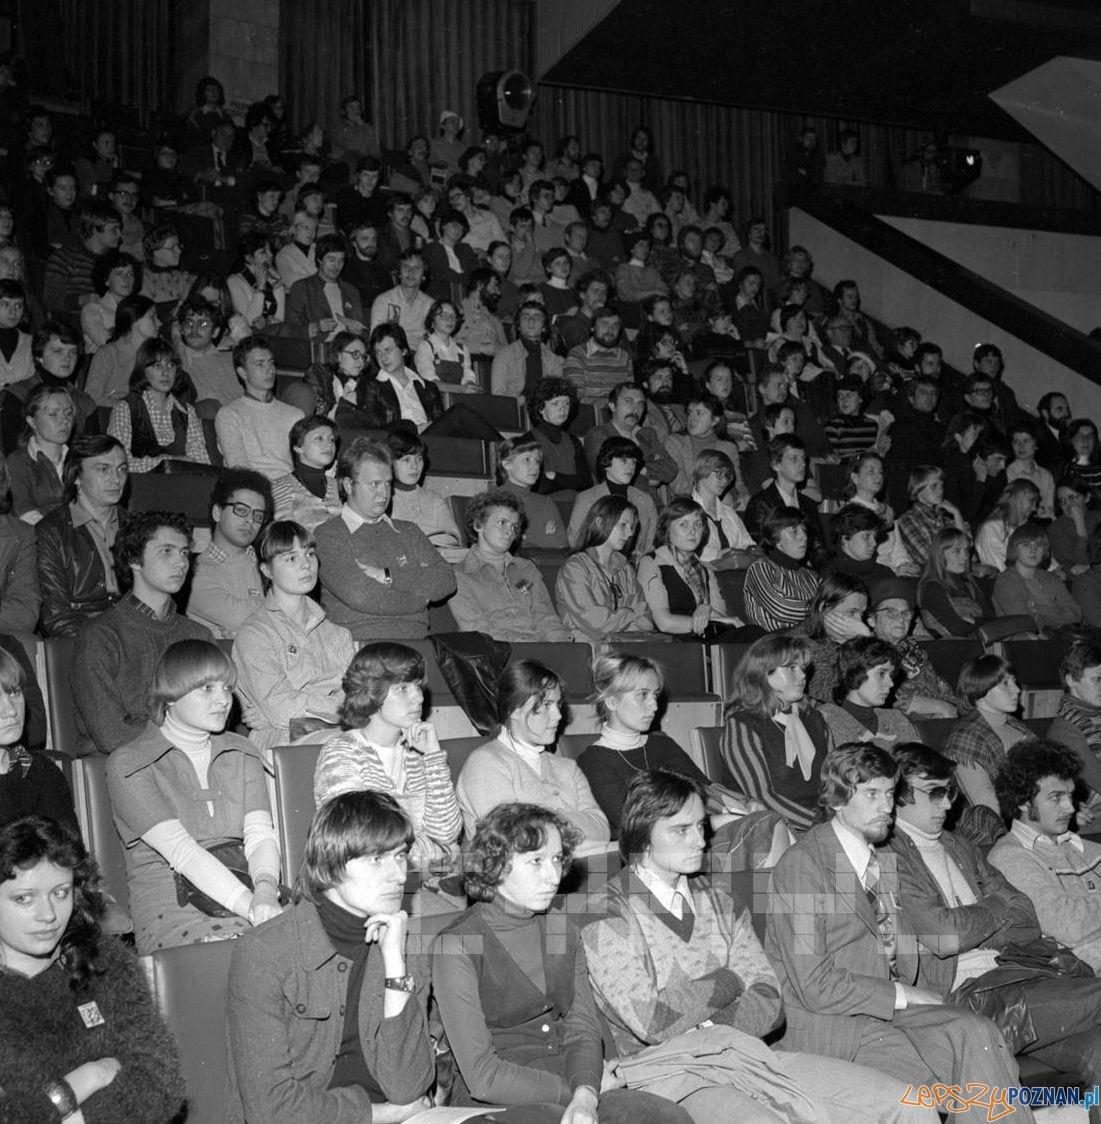 Publiczność podczas finału VI Tygodnia Kultury Studenckiej w Arenie 22.10.1978  Foto: Stanisław Wiktor / Cyryl